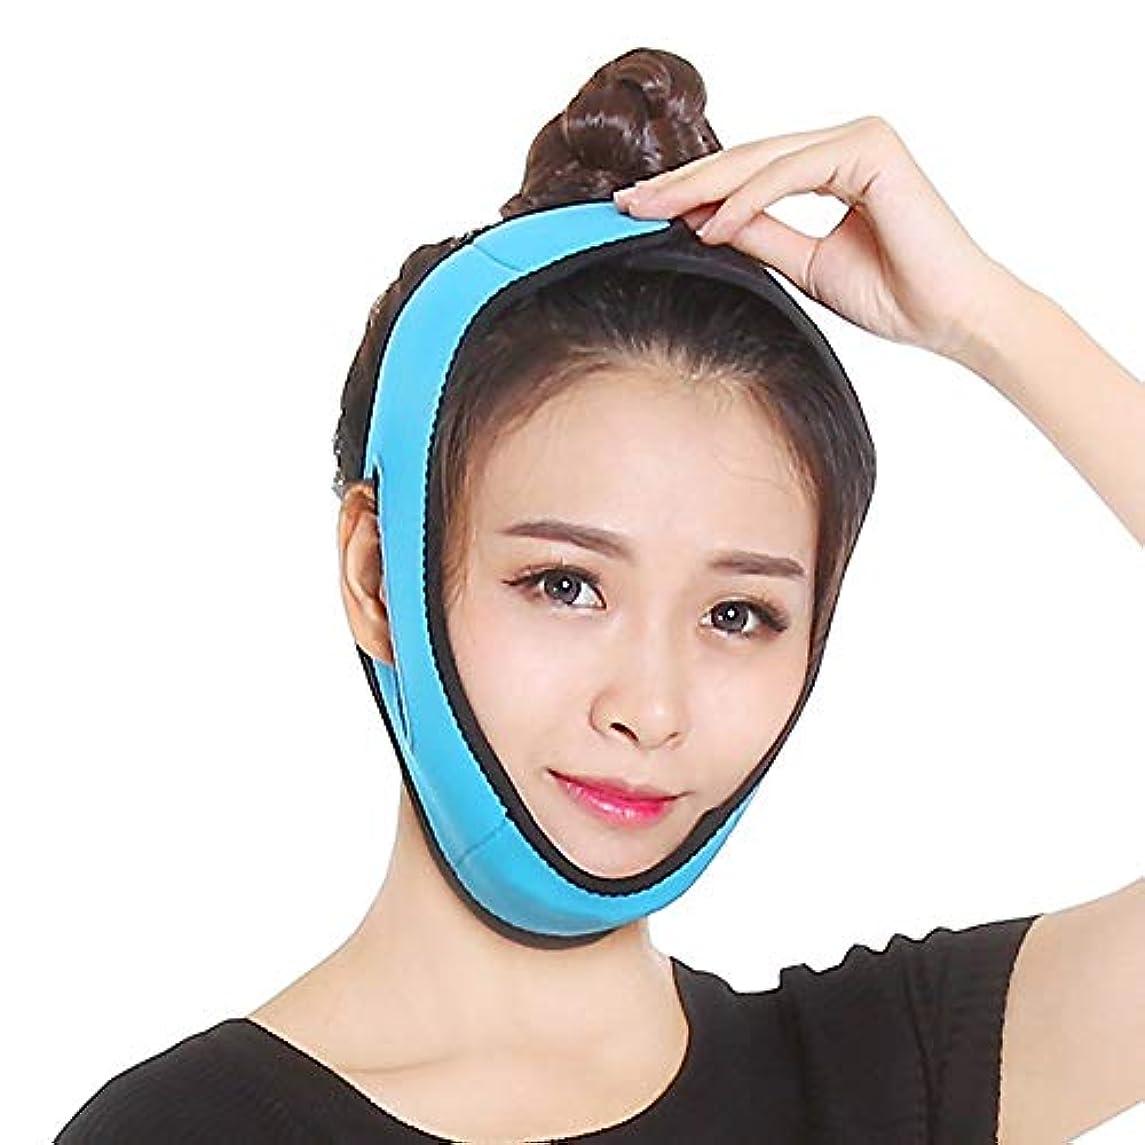 キネマティクス保持する花瓶薄い顔のベルト - 薄い顔のツール薄い顔のベルト通気性のラテックスのマッサージV型の顔のアーティファクトの顔の薄いマスク